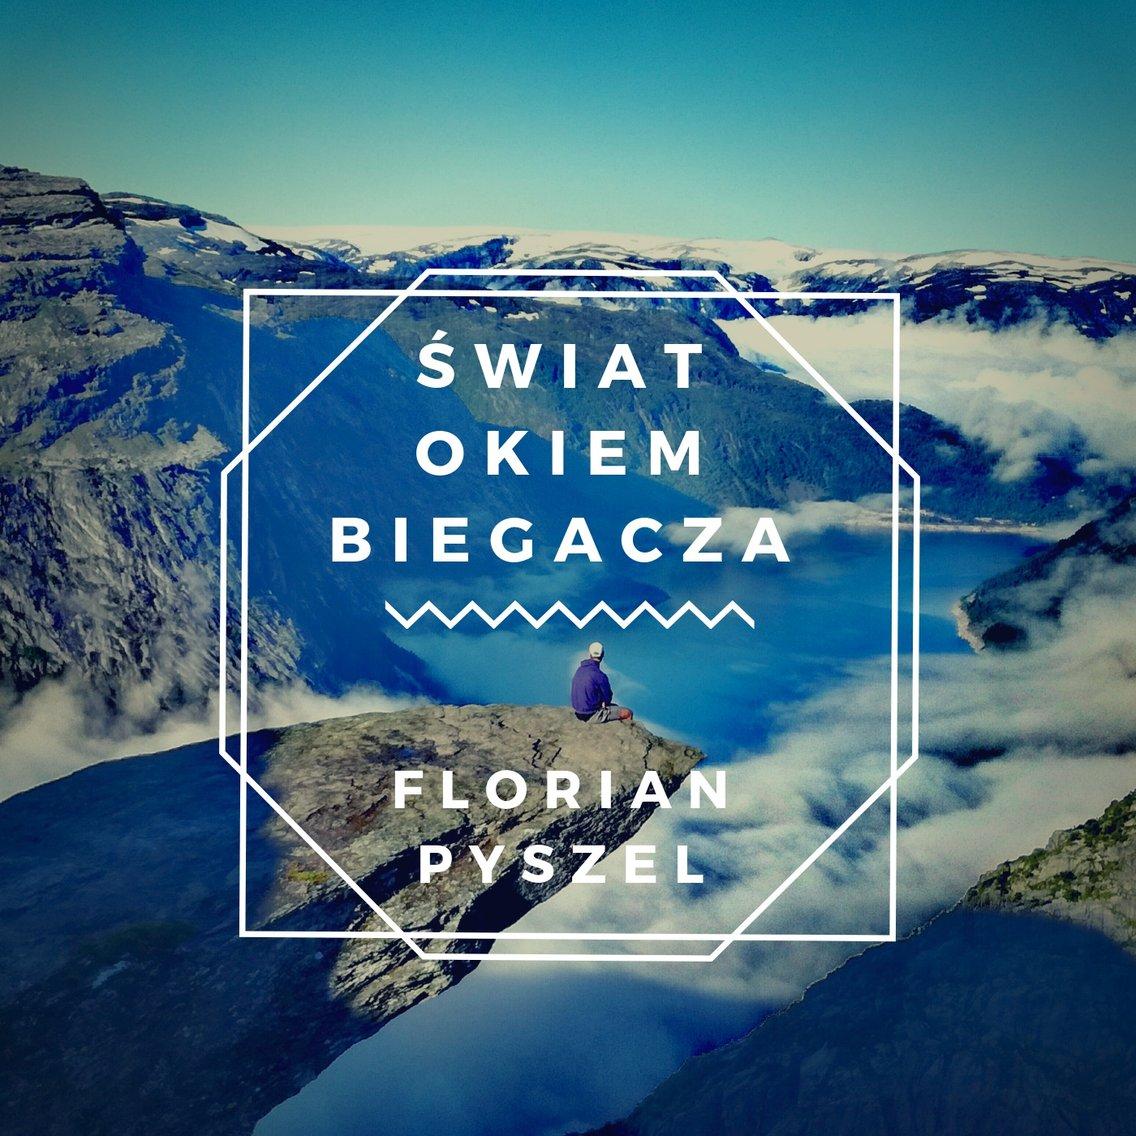 Świat Okiem Biegacza - Cover Image